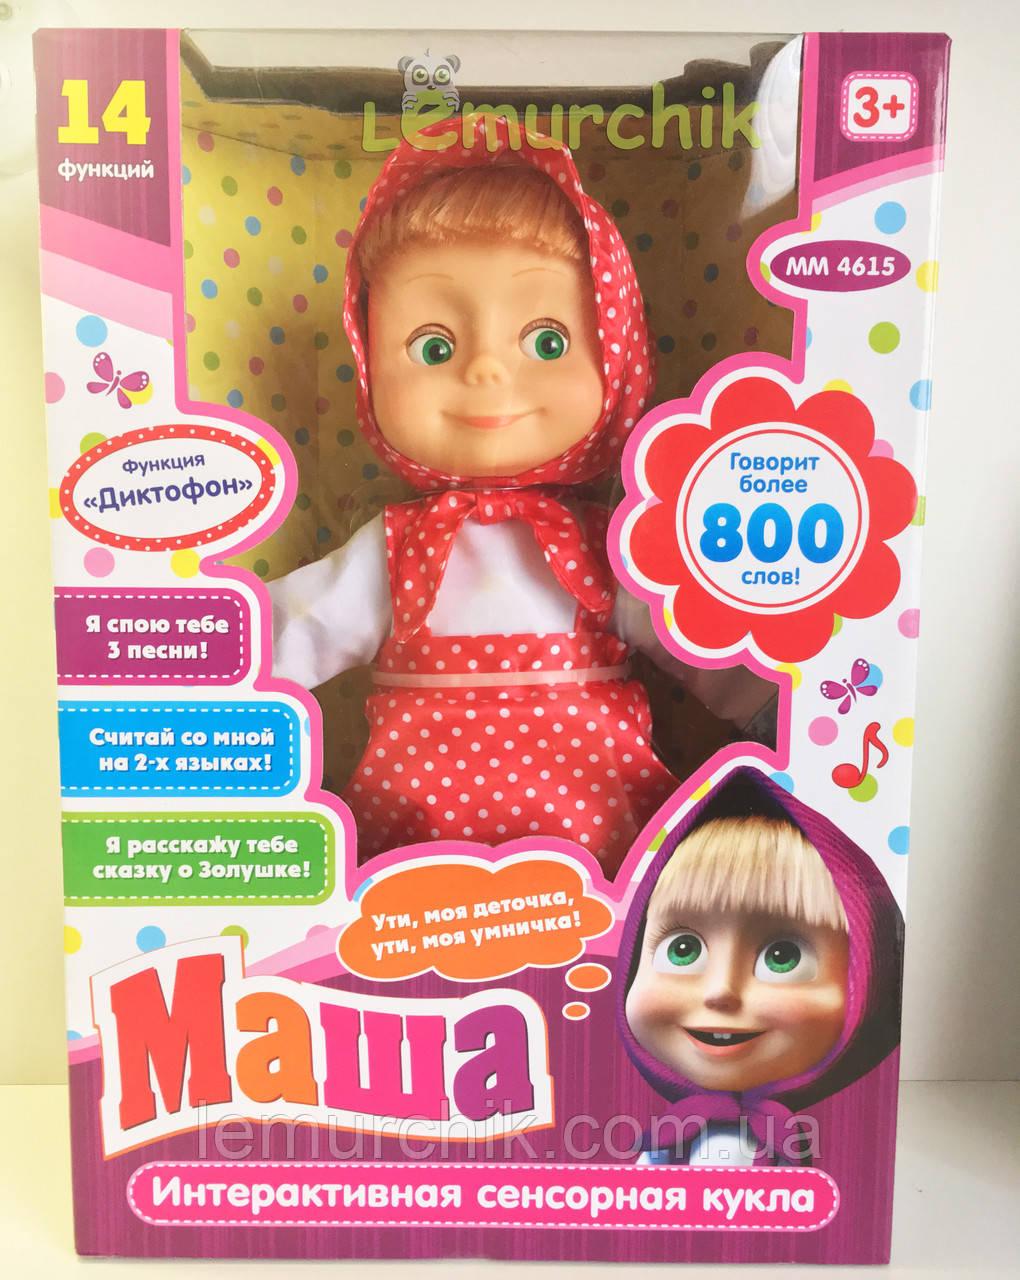 Інтерактивна лялька Маша казкарка 800 фраз